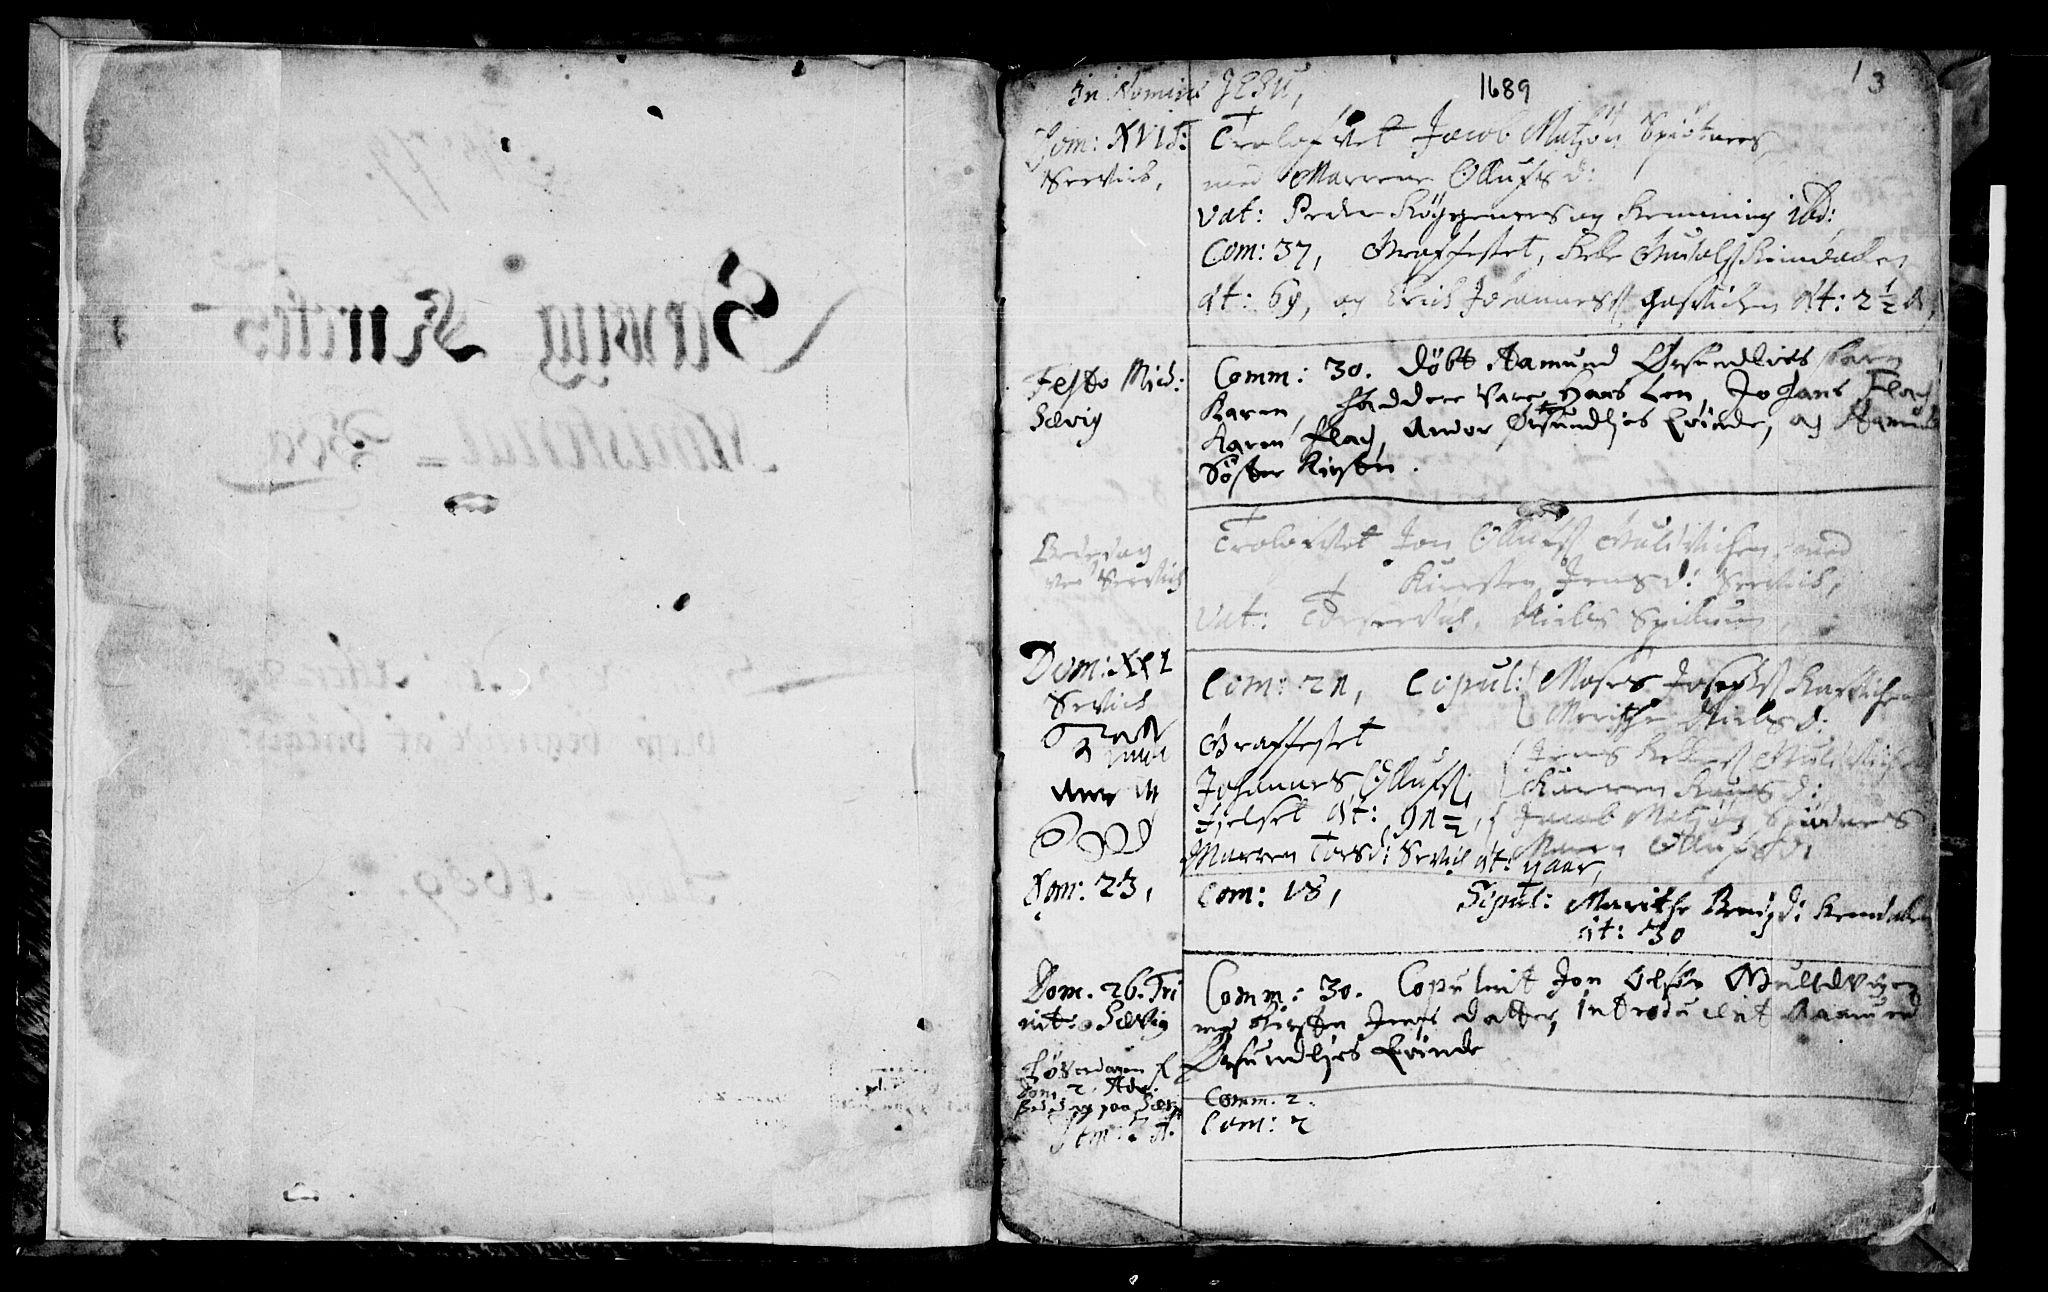 SAT, Ministerialprotokoller, klokkerbøker og fødselsregistre - Nord-Trøndelag, 770/L0587: Ministerialbok nr. 770A01, 1689-1697, s. 2-3